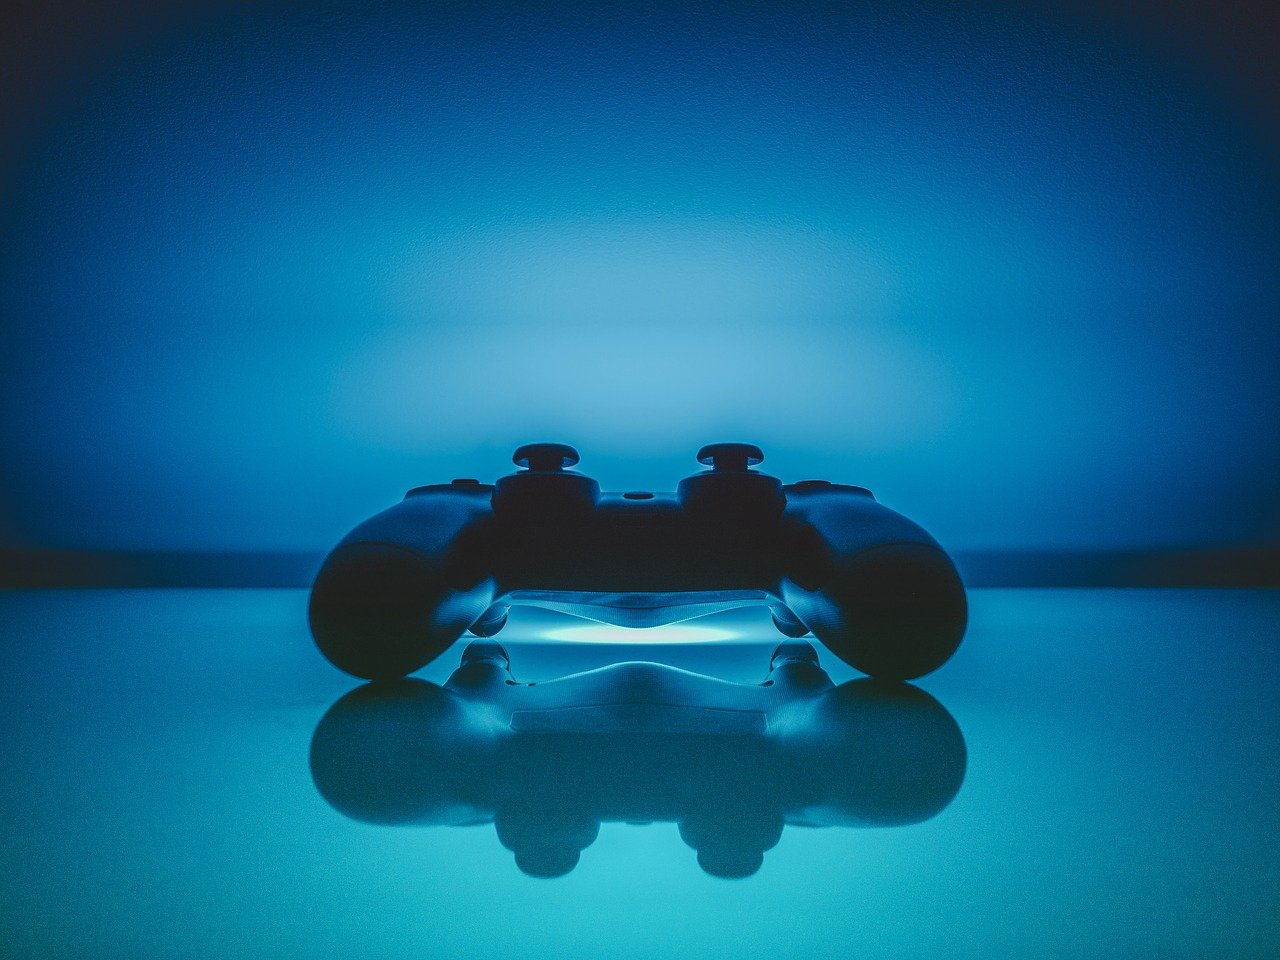 20 Ans Apres La Playstation 1 Voit Debarquer Un Nouveau Jeu